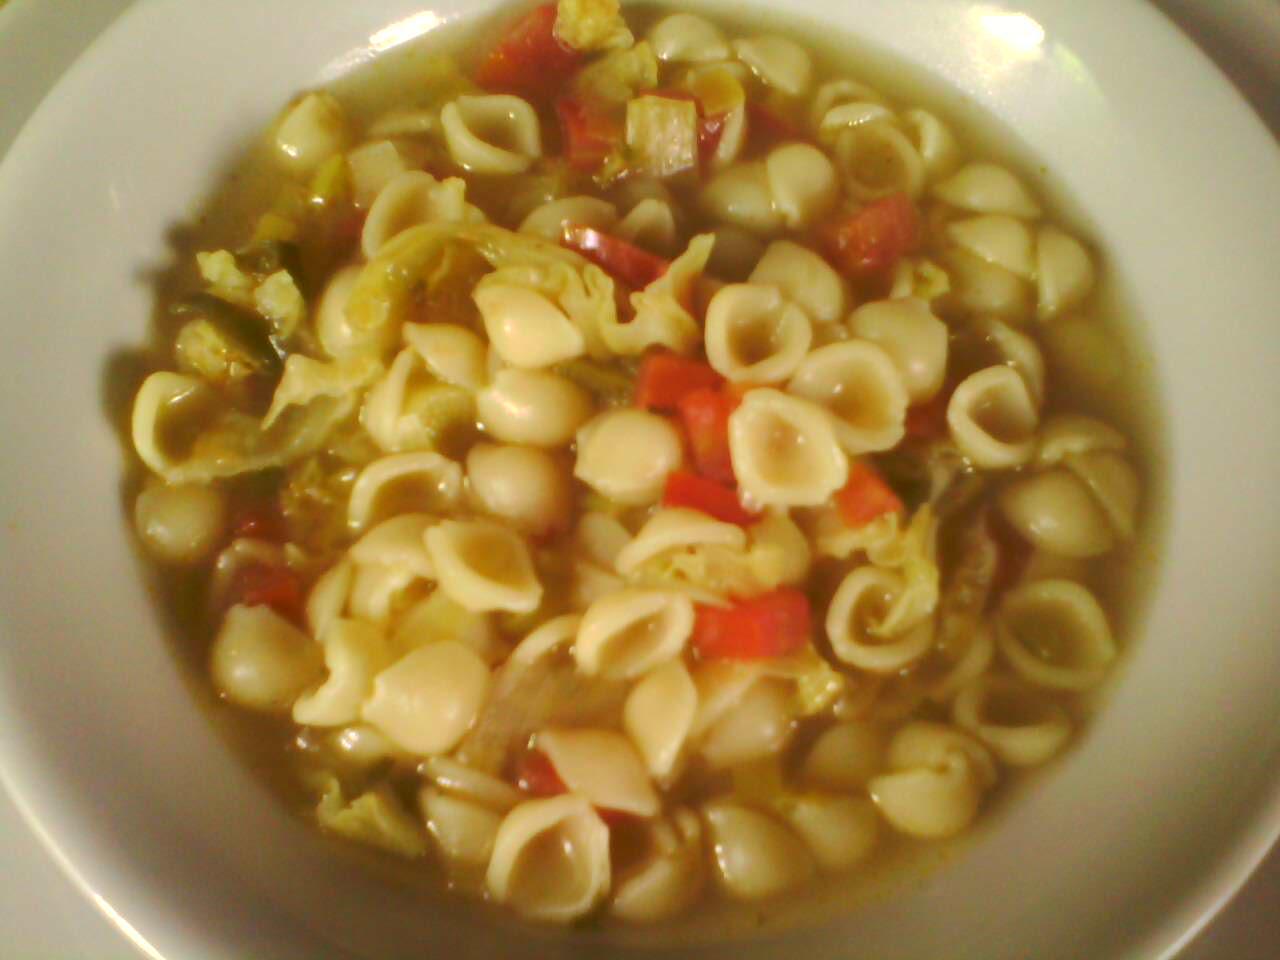 Sopa de conchitas (Conchiglie)